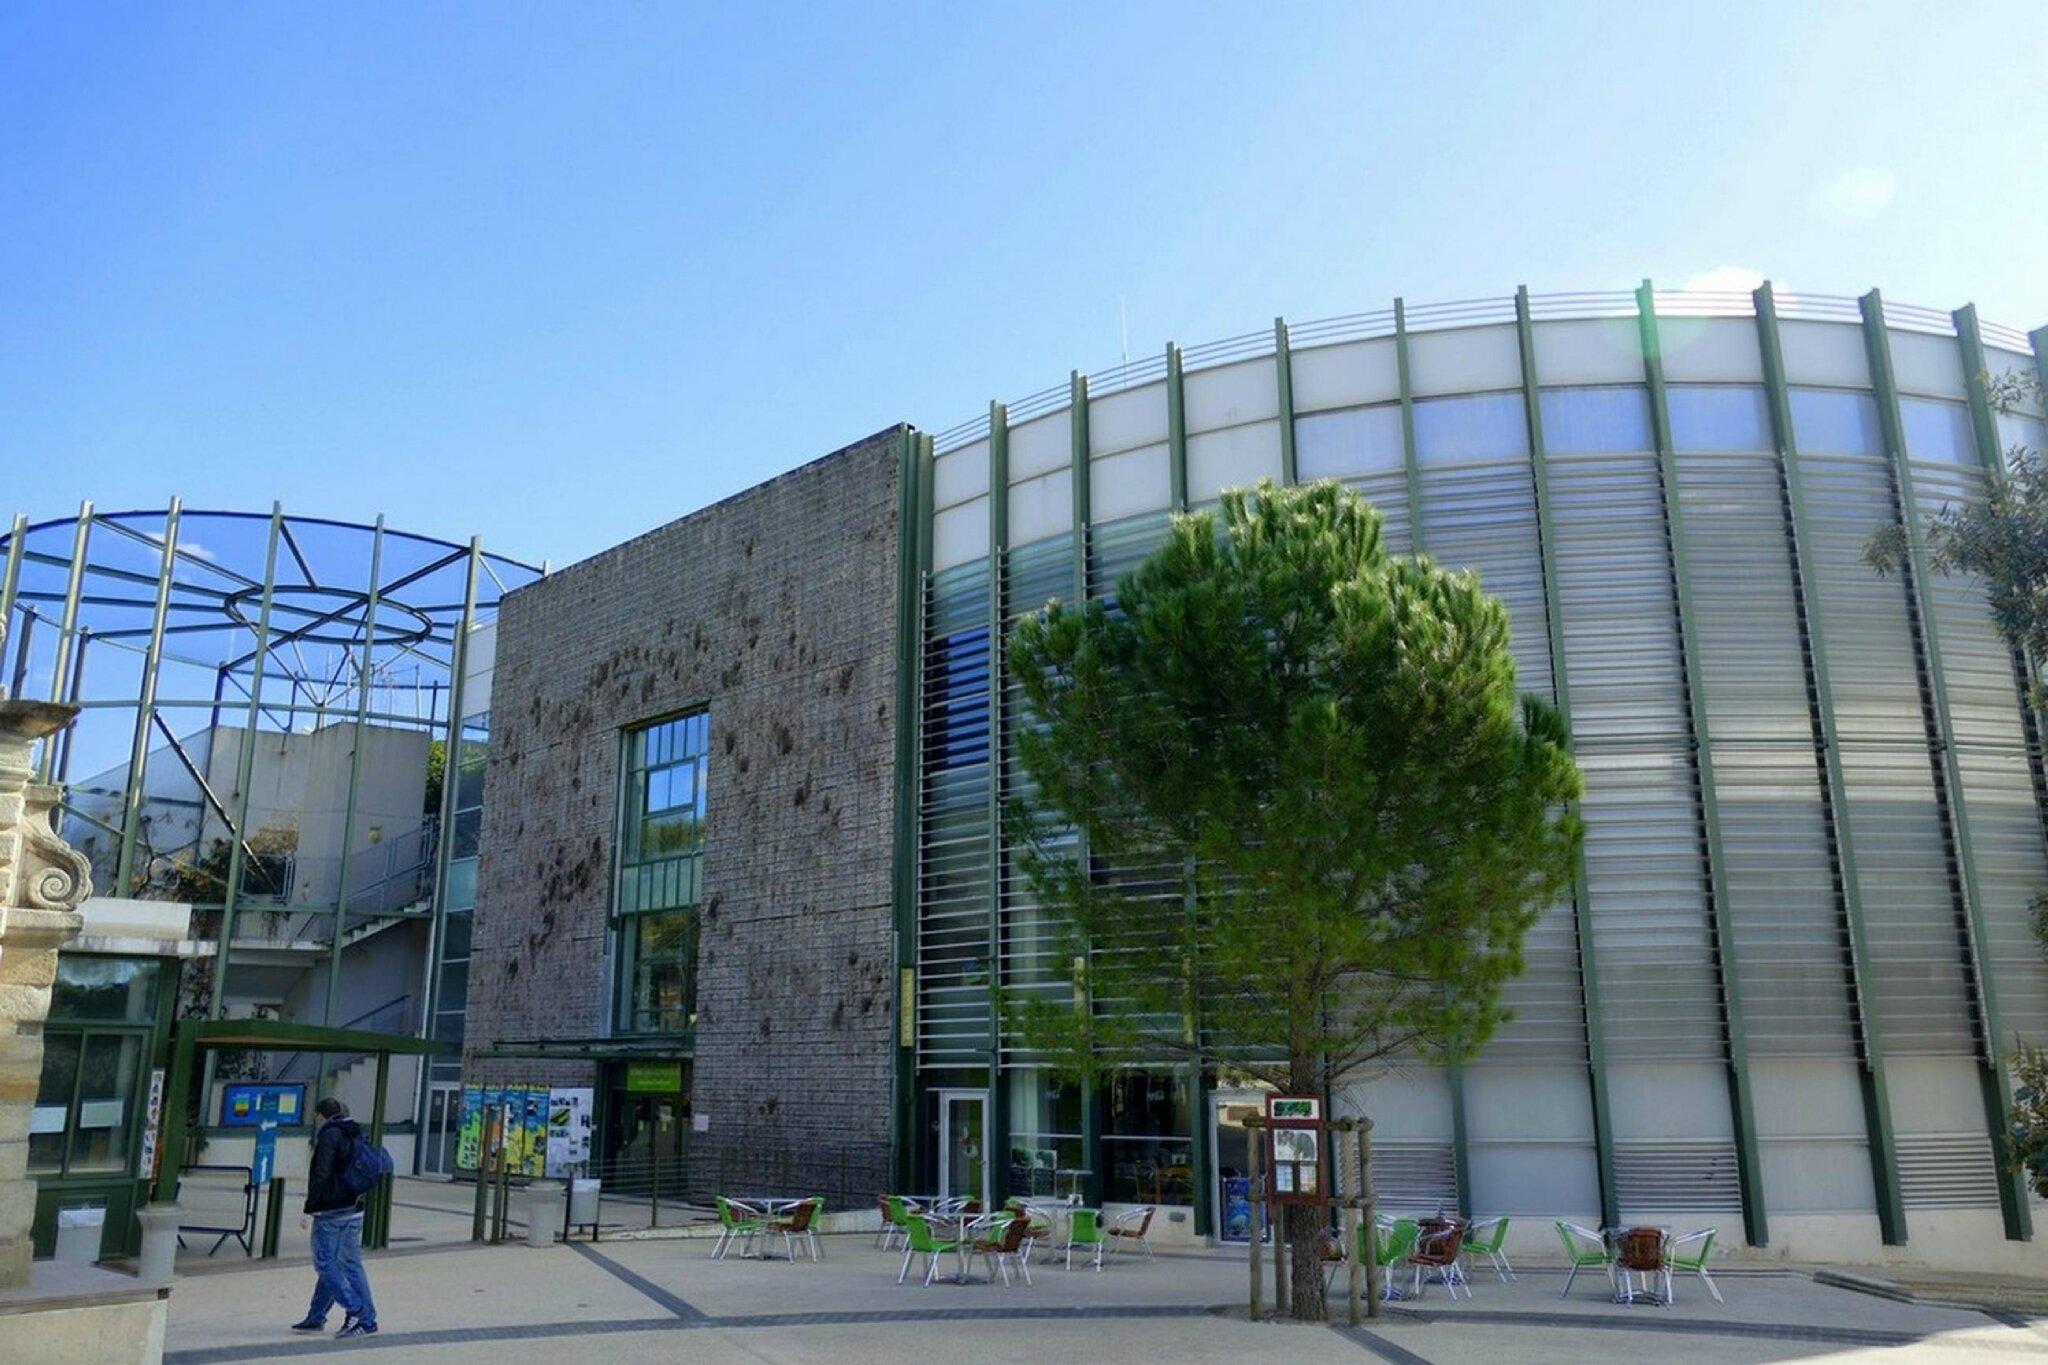 Zoo de Montpellier : le 2ème plus grand parc zoologique de France !